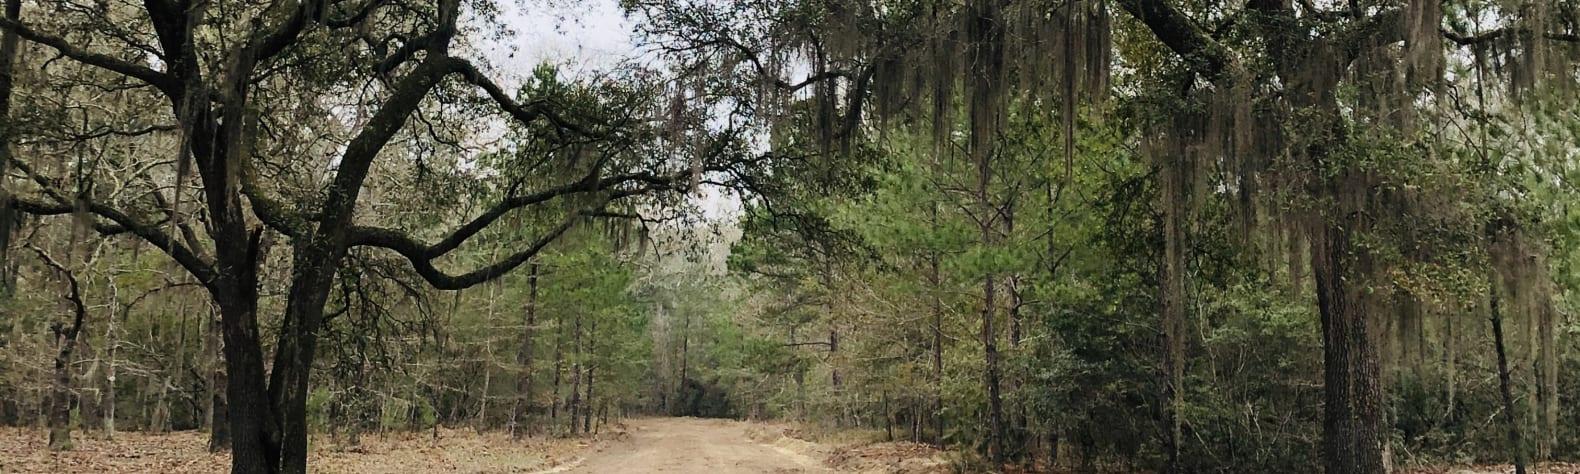 Triple Oaks Trail